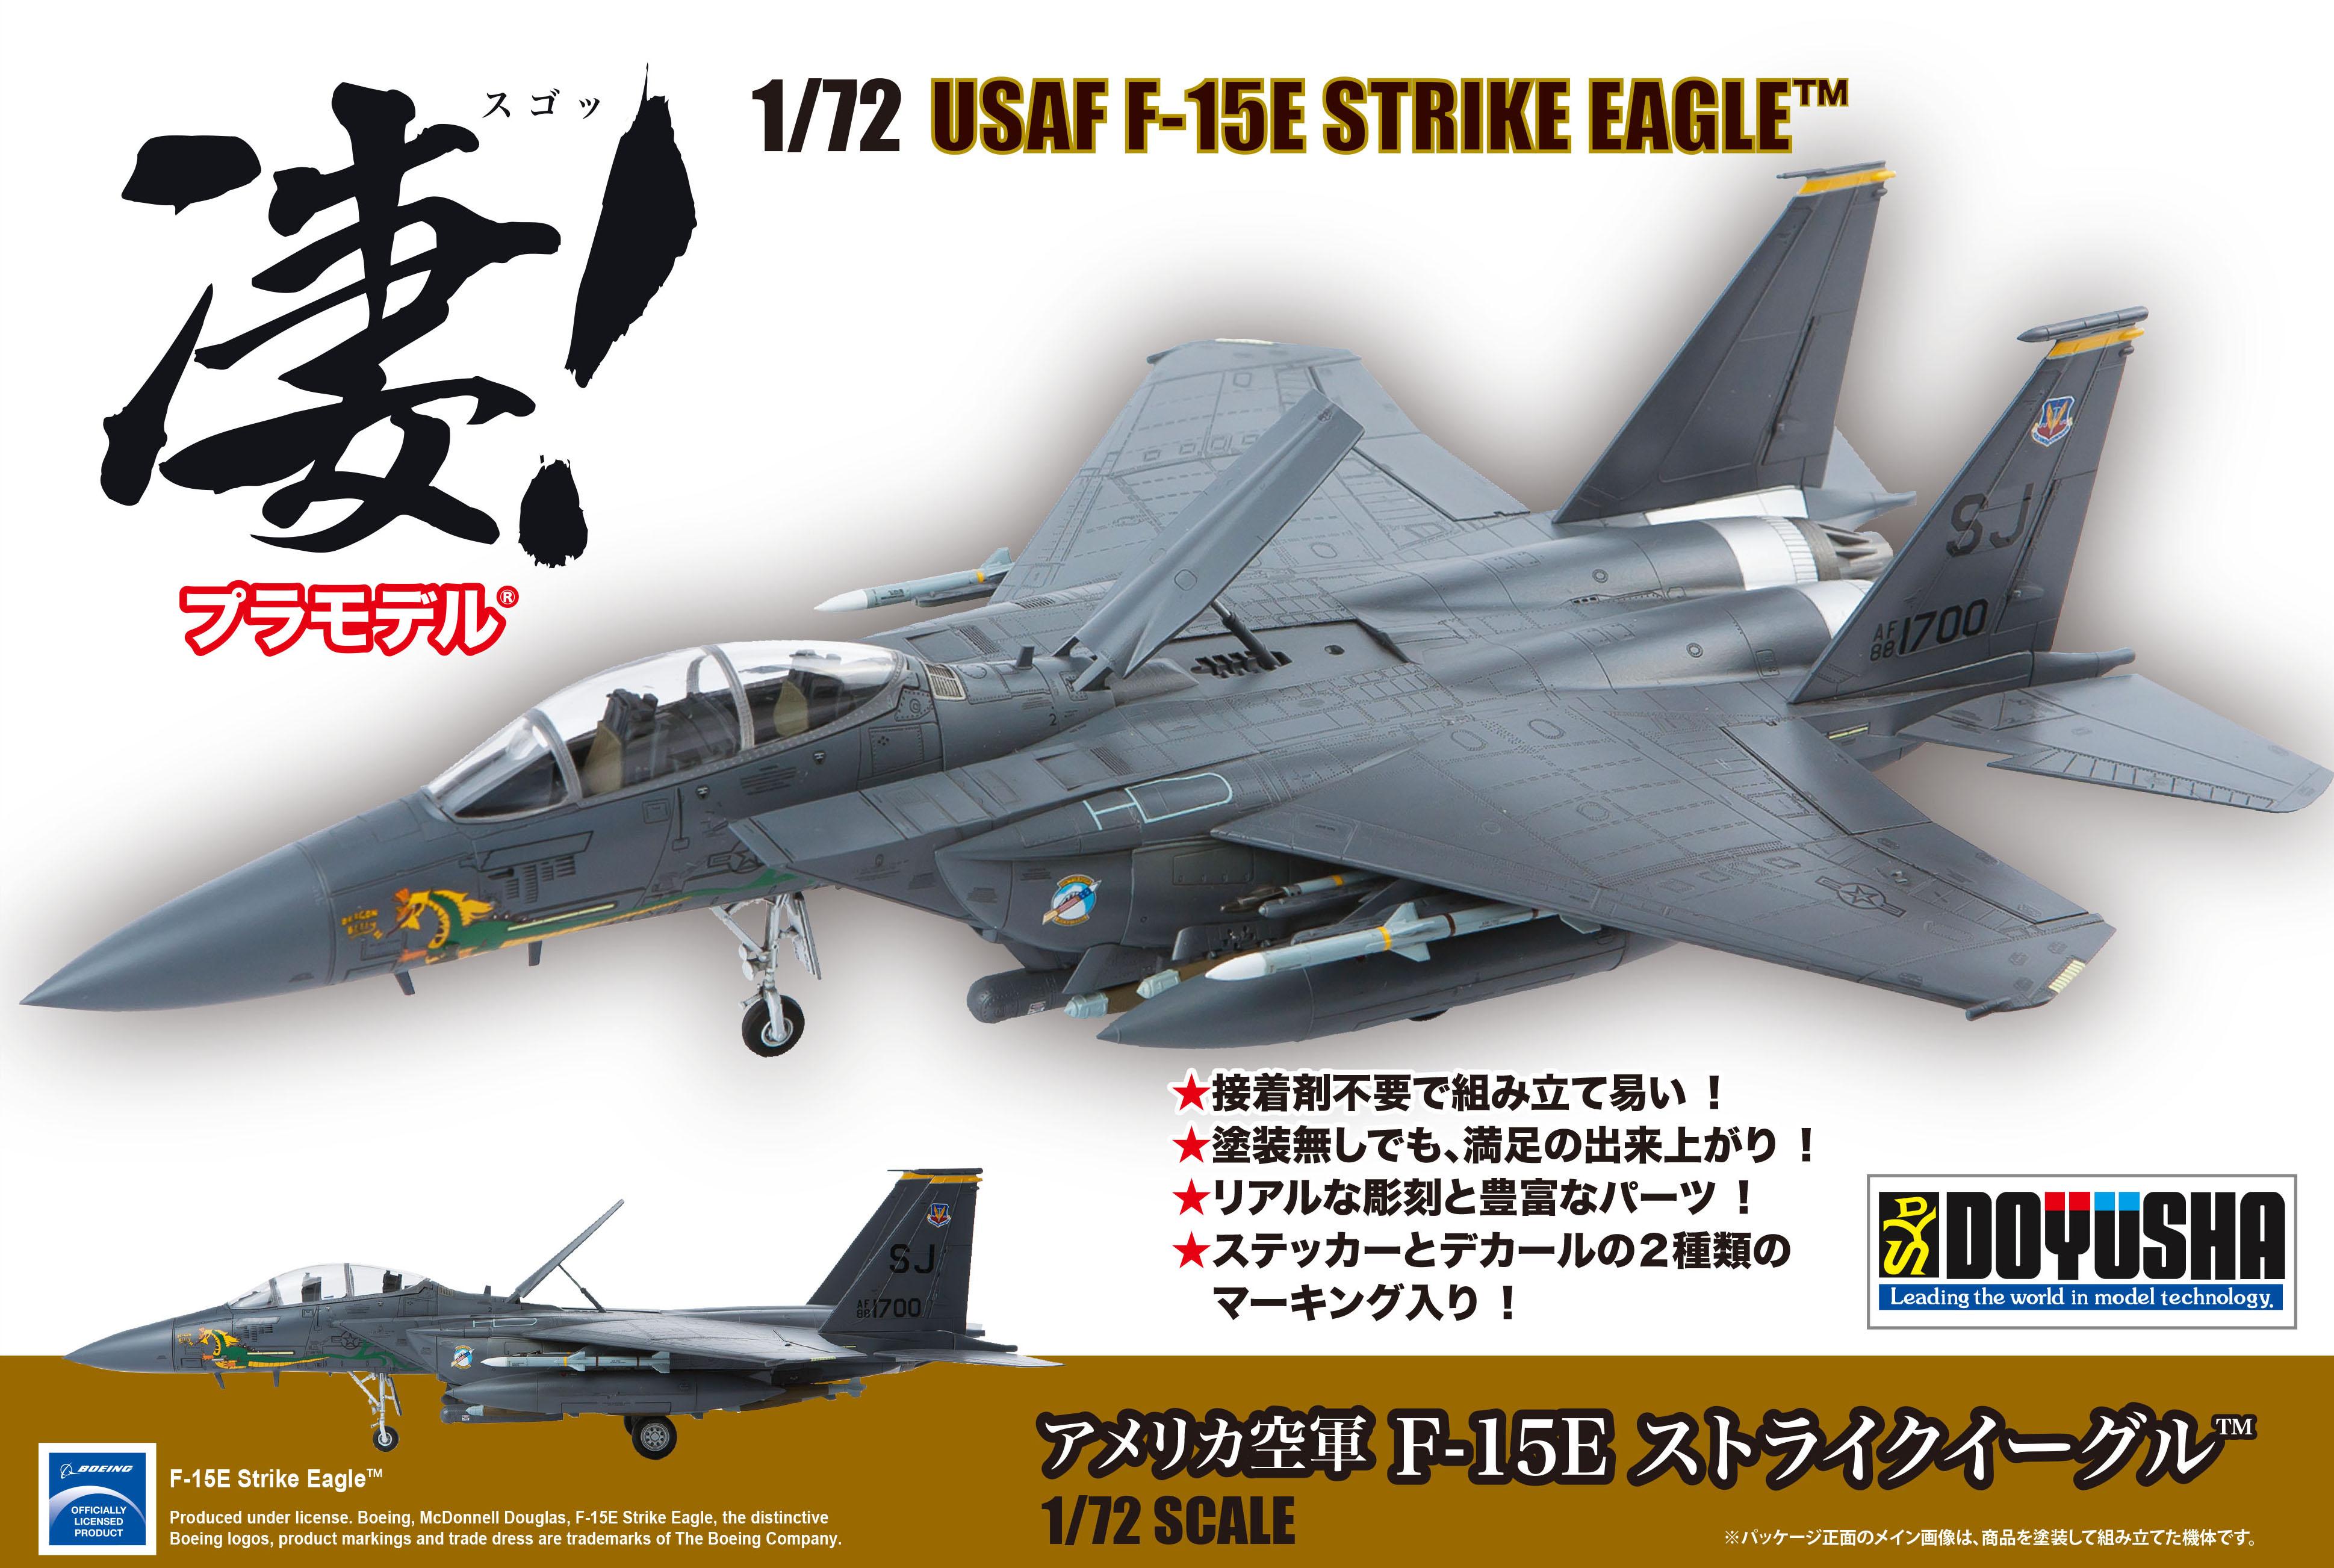 Doyusha 1/72 USAF F-15E STRIKE EAGLE